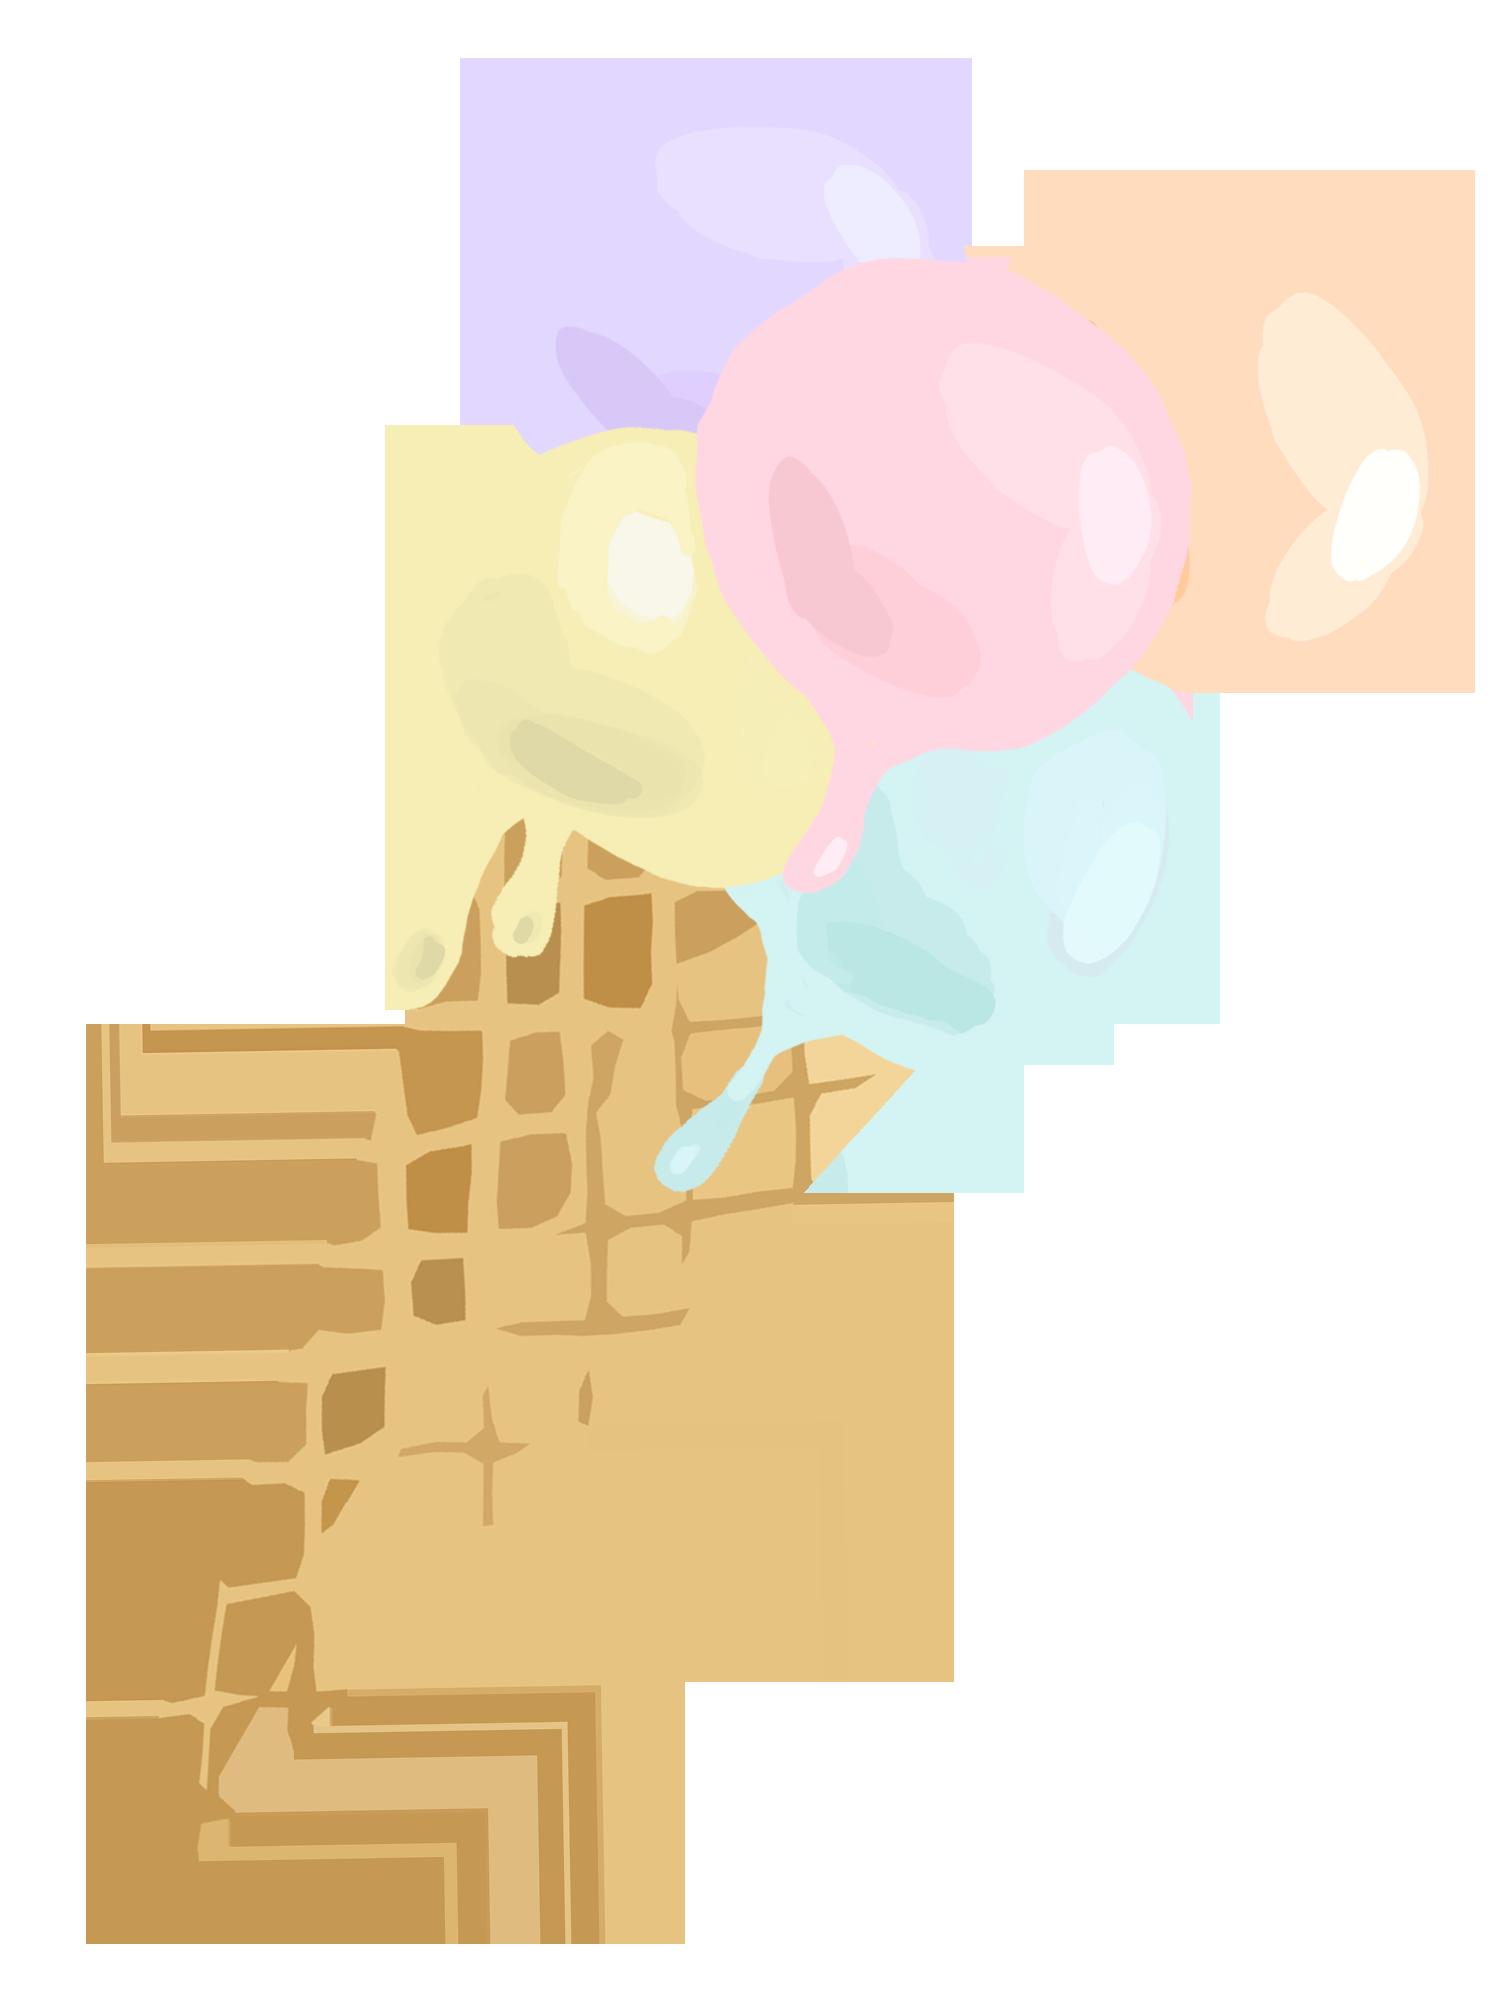 FORTINI'S review: Congratulations! You've got 5 gelato! Awesome! You're the best! - Прекрасное расположение, дружелюбные хозяева, уютные и просторные номера, вкусный завтрак! Кажется, мы ничего не забыли! Рекомендуем без тени сомнения!